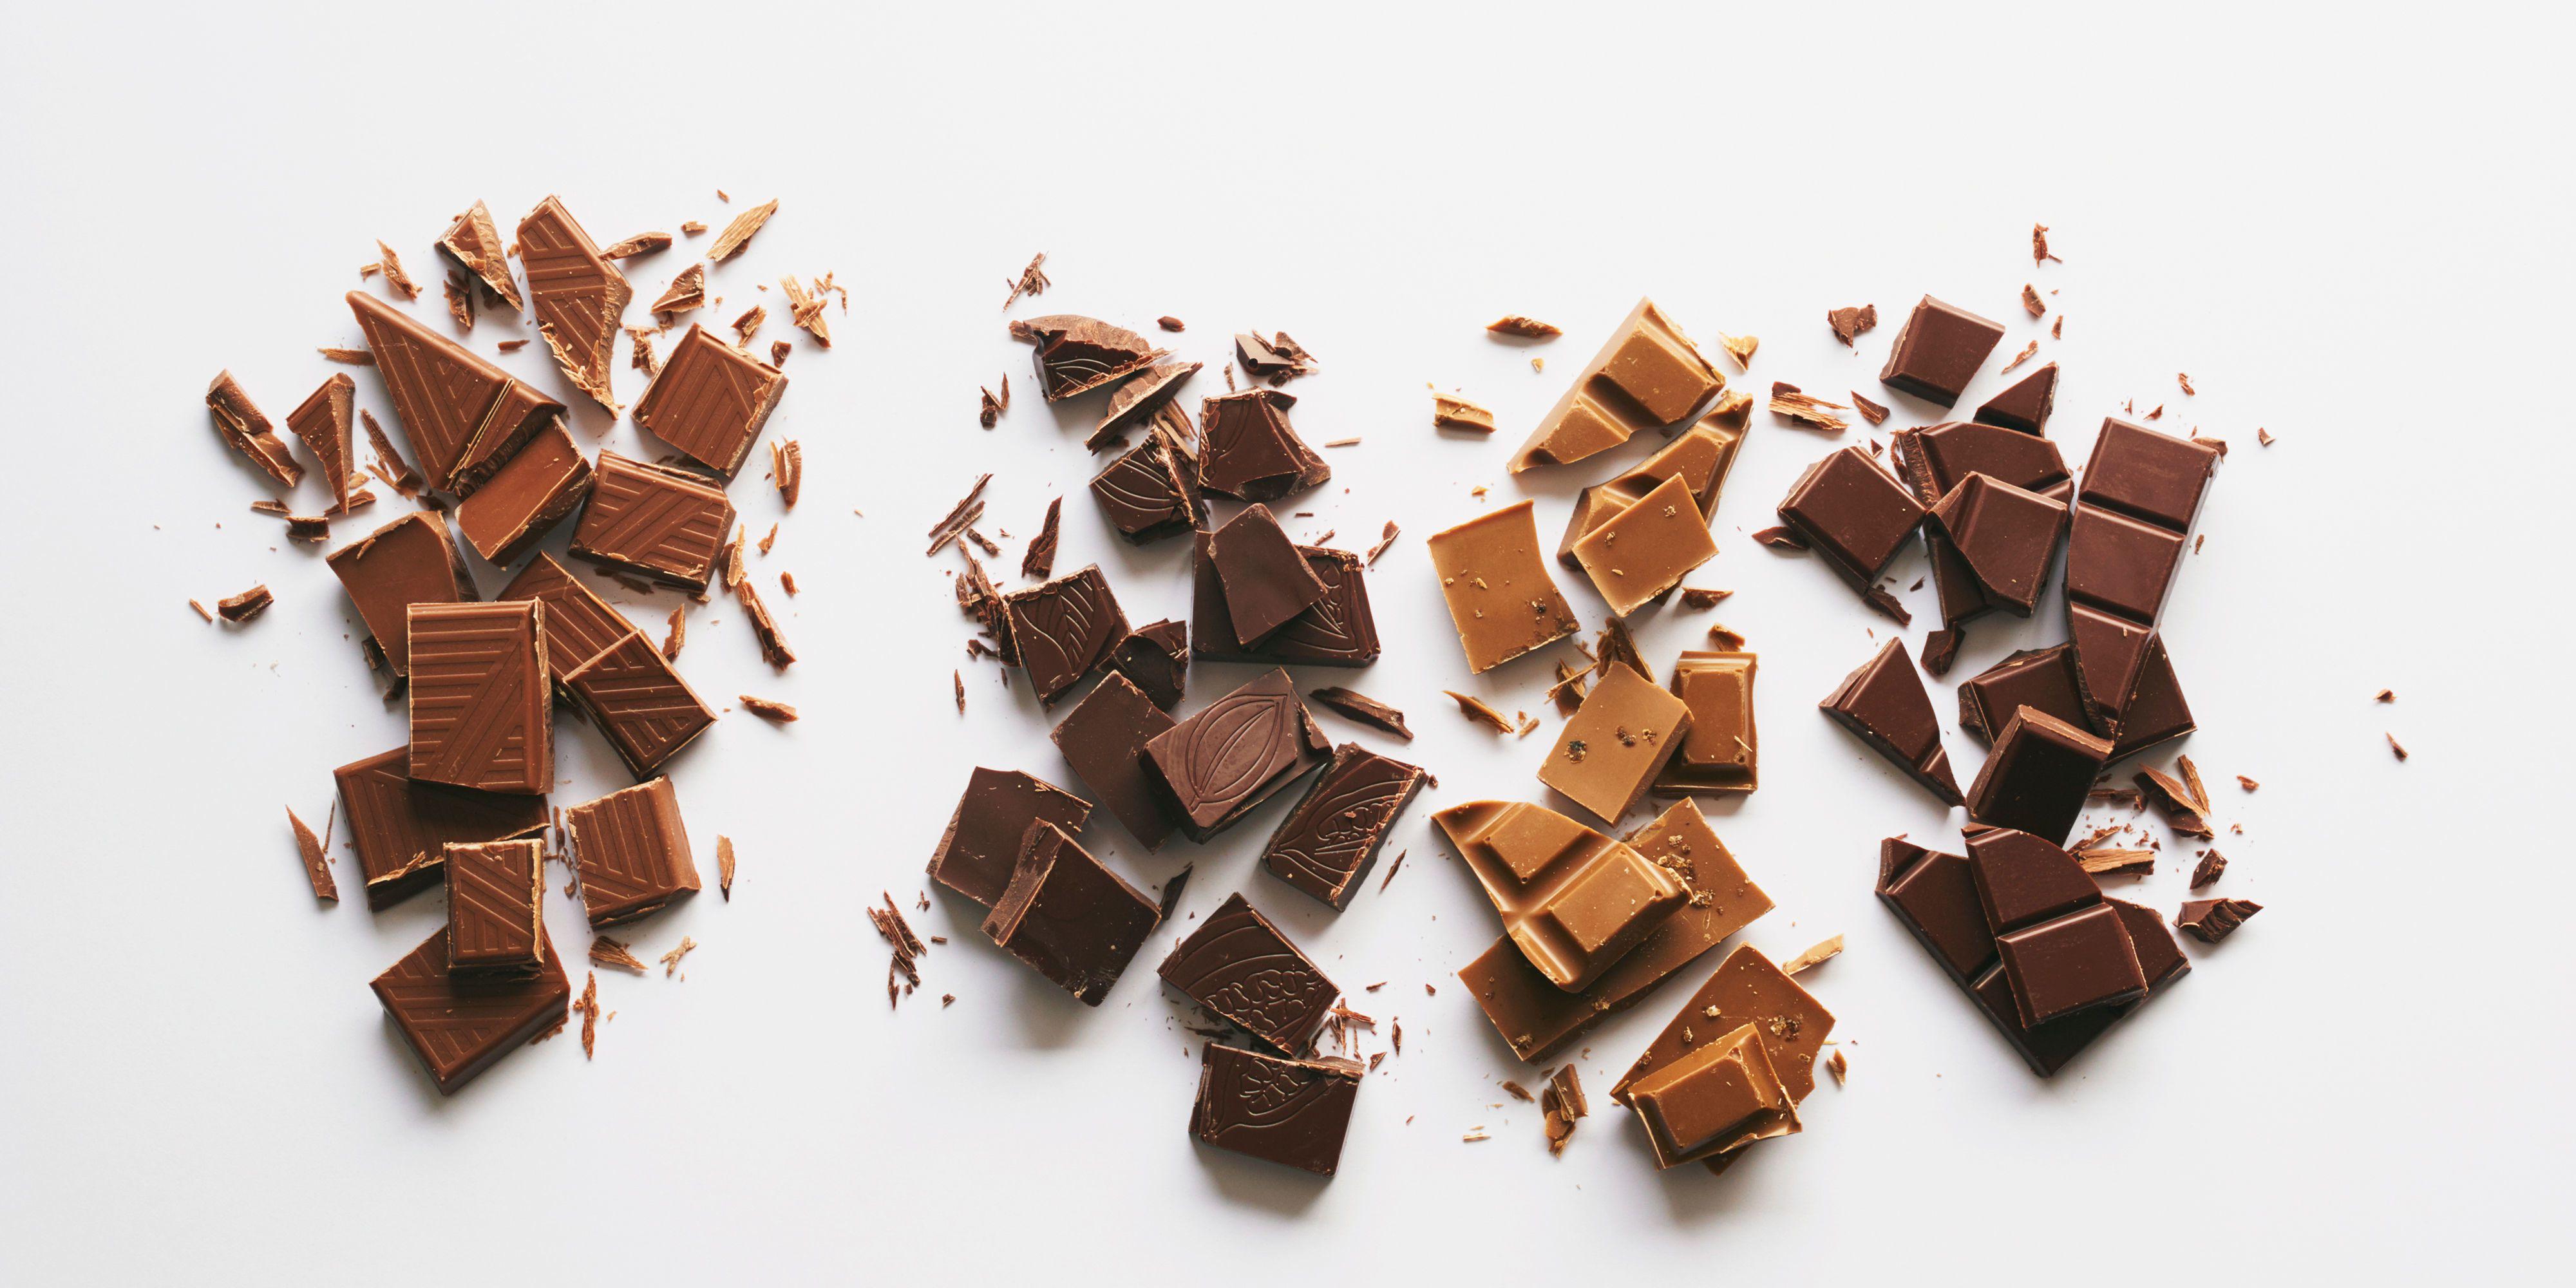 خمس فوائد مؤكدة لتكثري من تناول الشوكولاتة... - هاربرز بازار